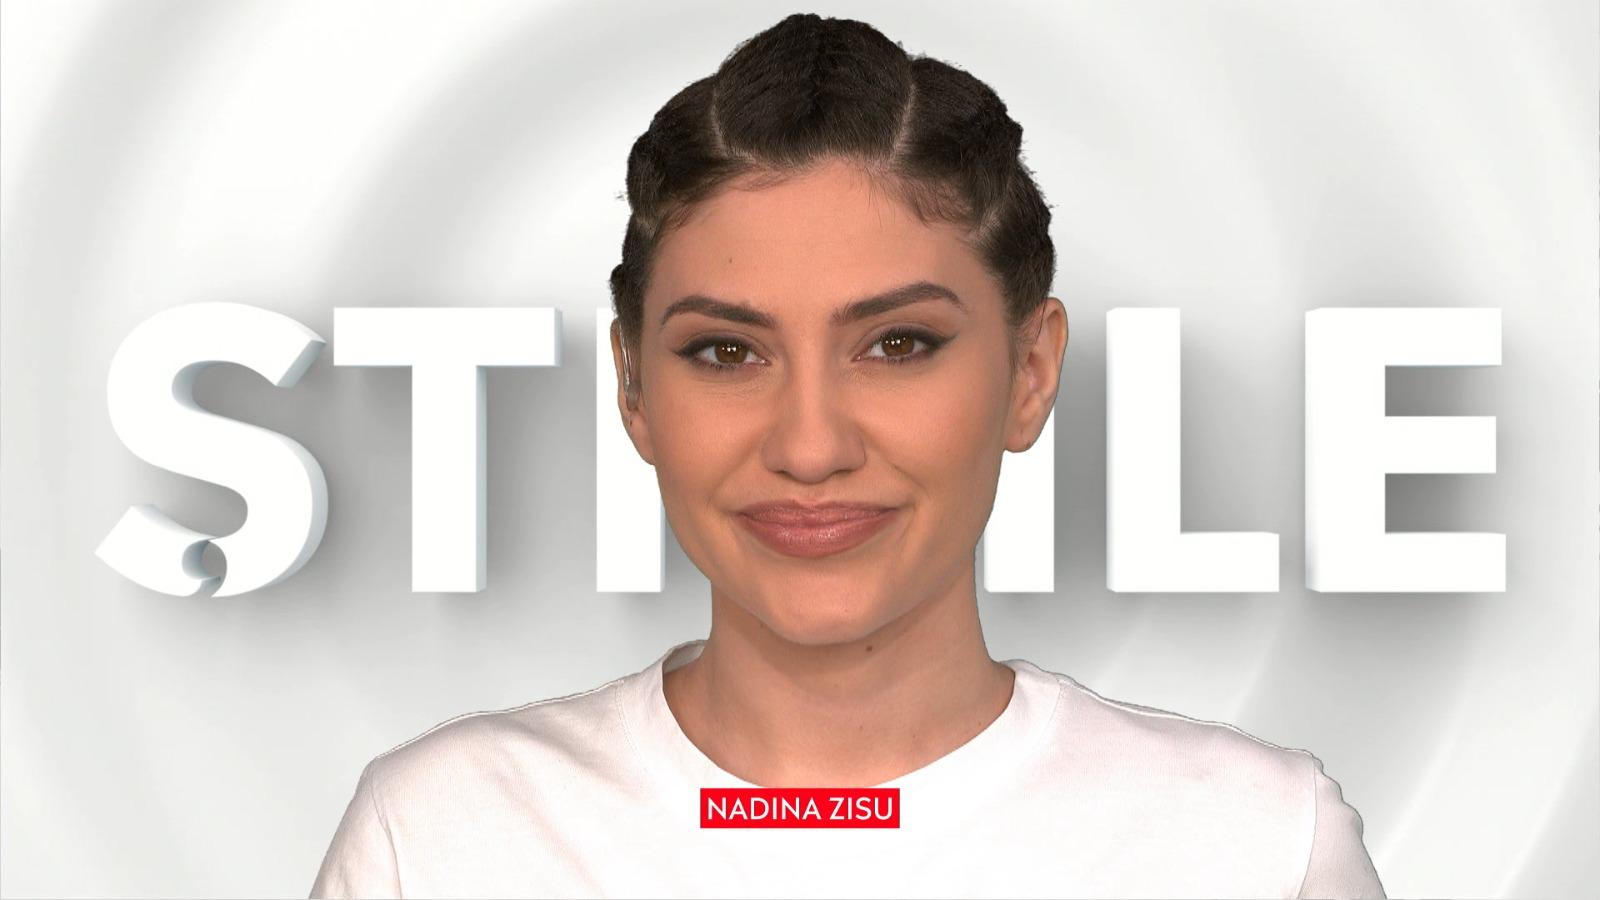 Știrile de la ora 08:00, prezentate de Nadina Zisu, 30 octombrie 2020